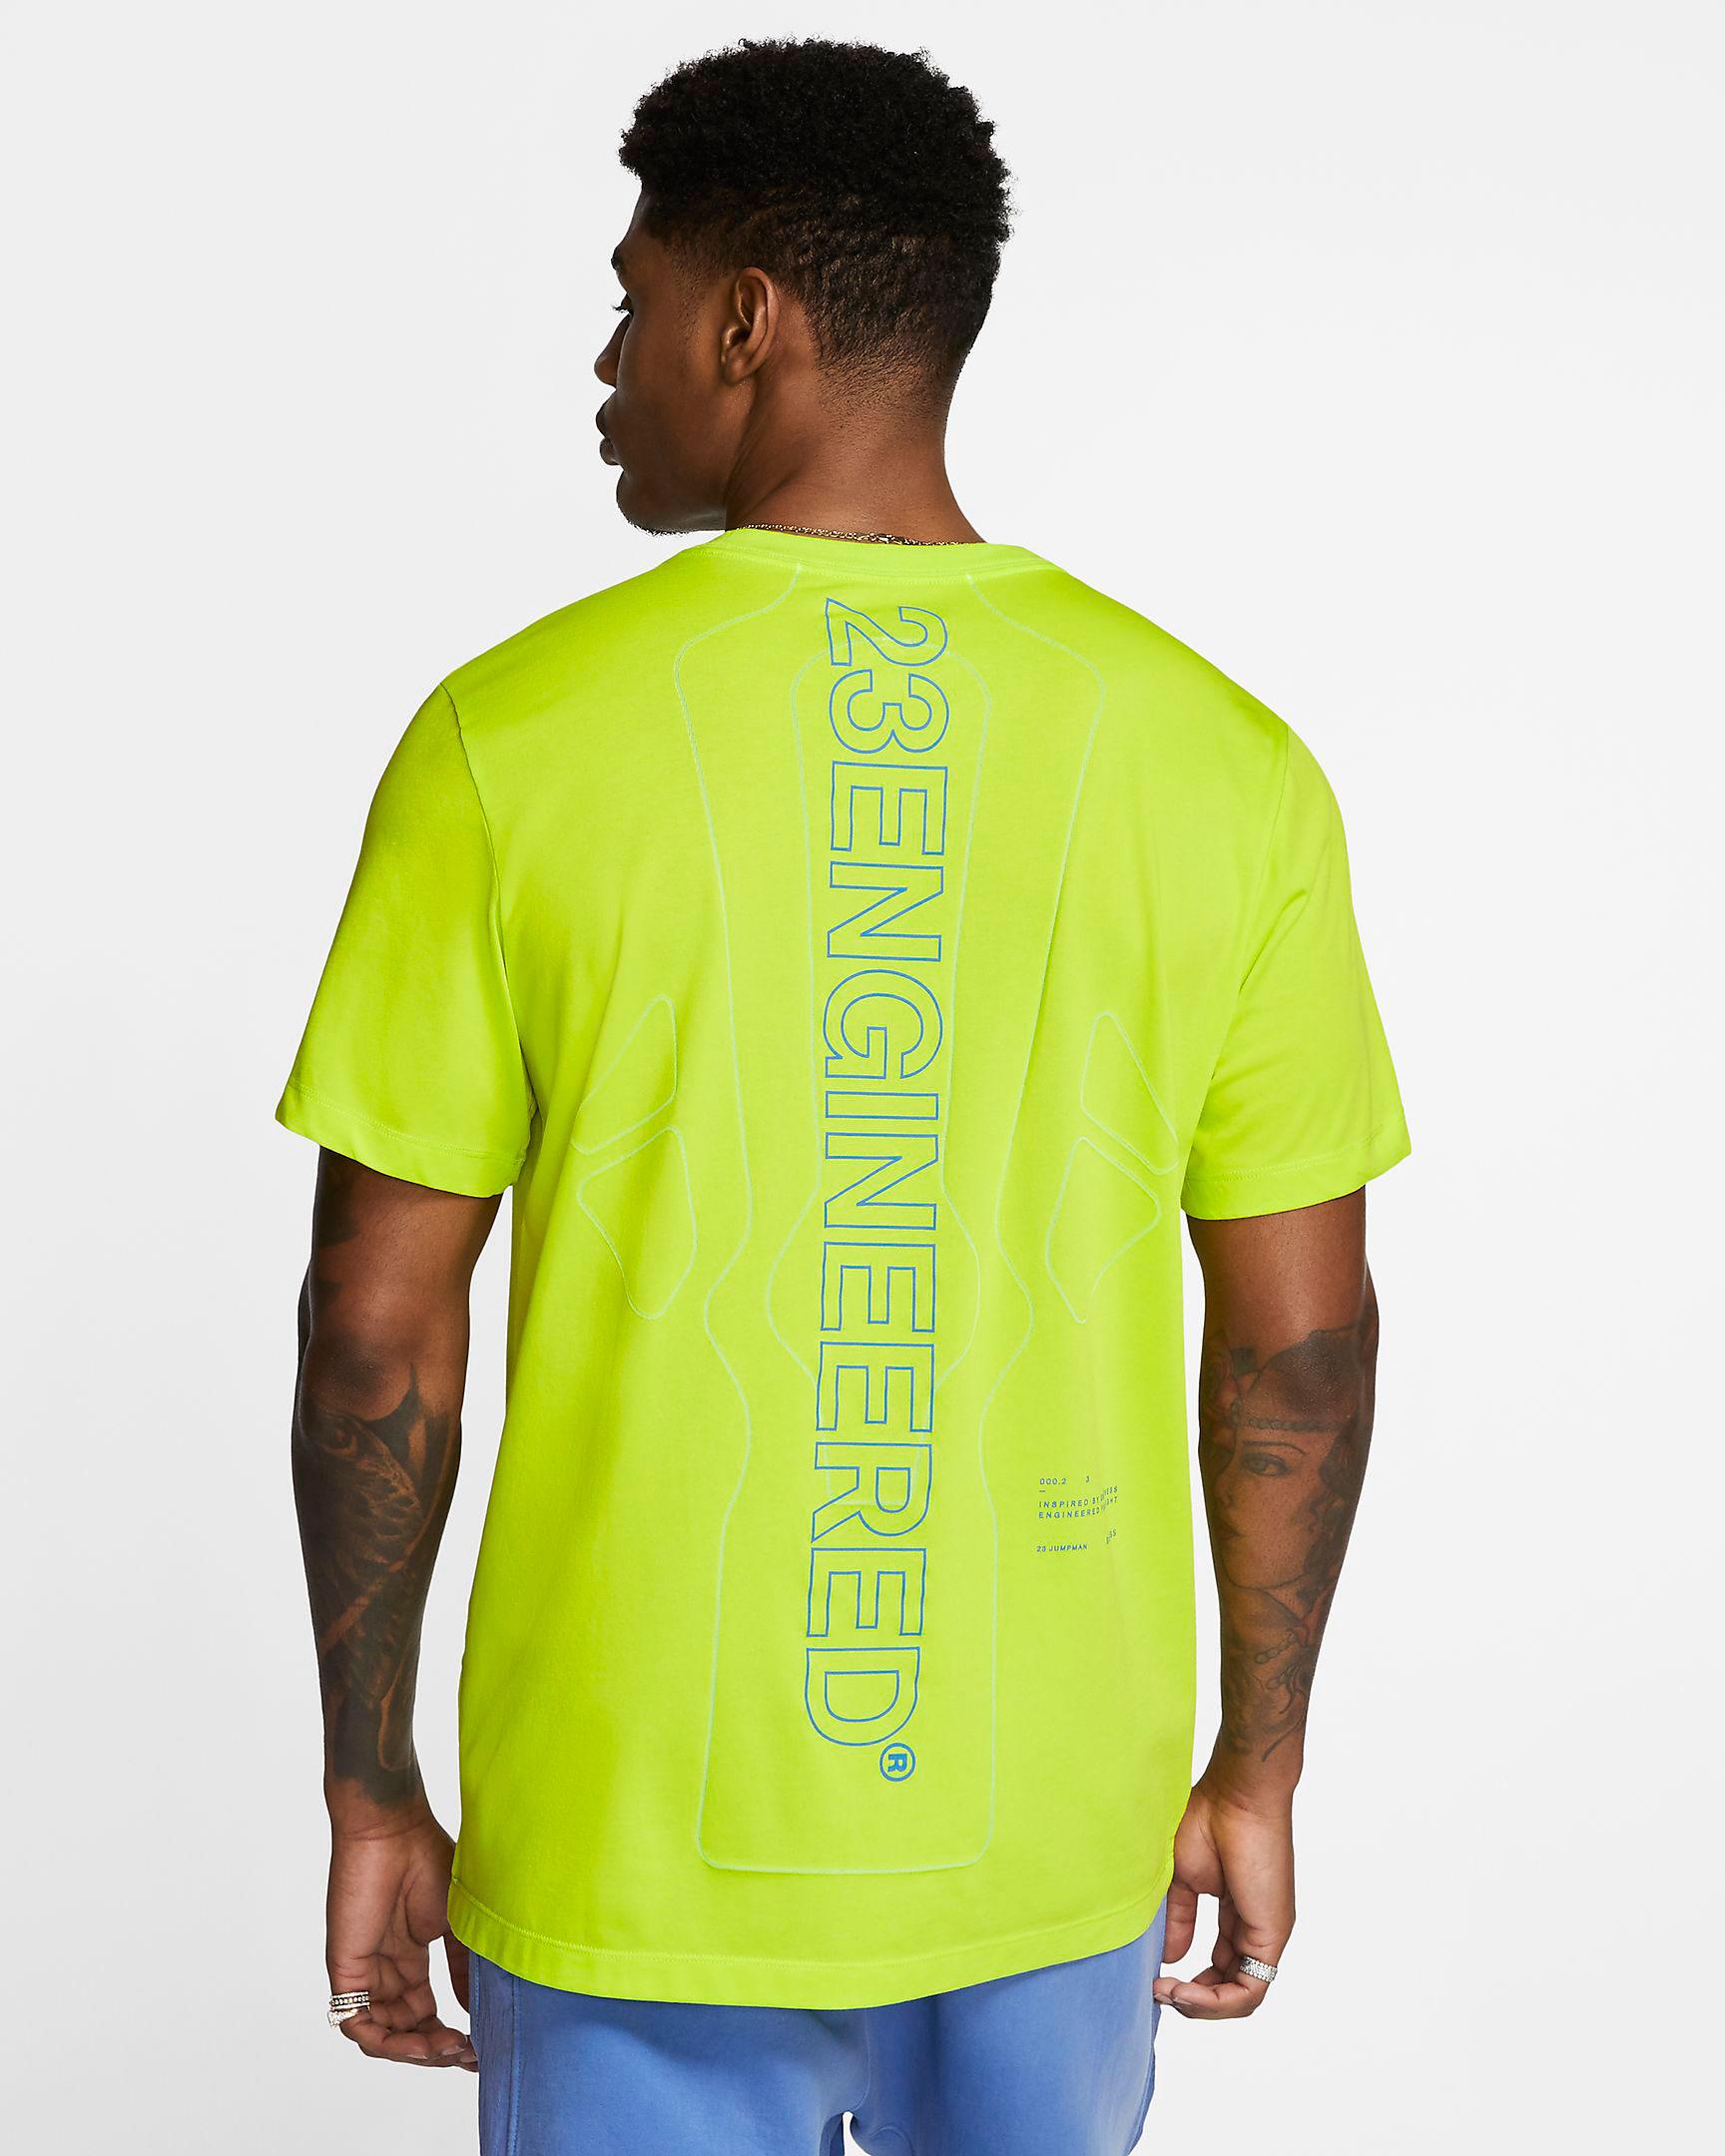 jordan-5-ghost-green-bel-air-shirt-match-2